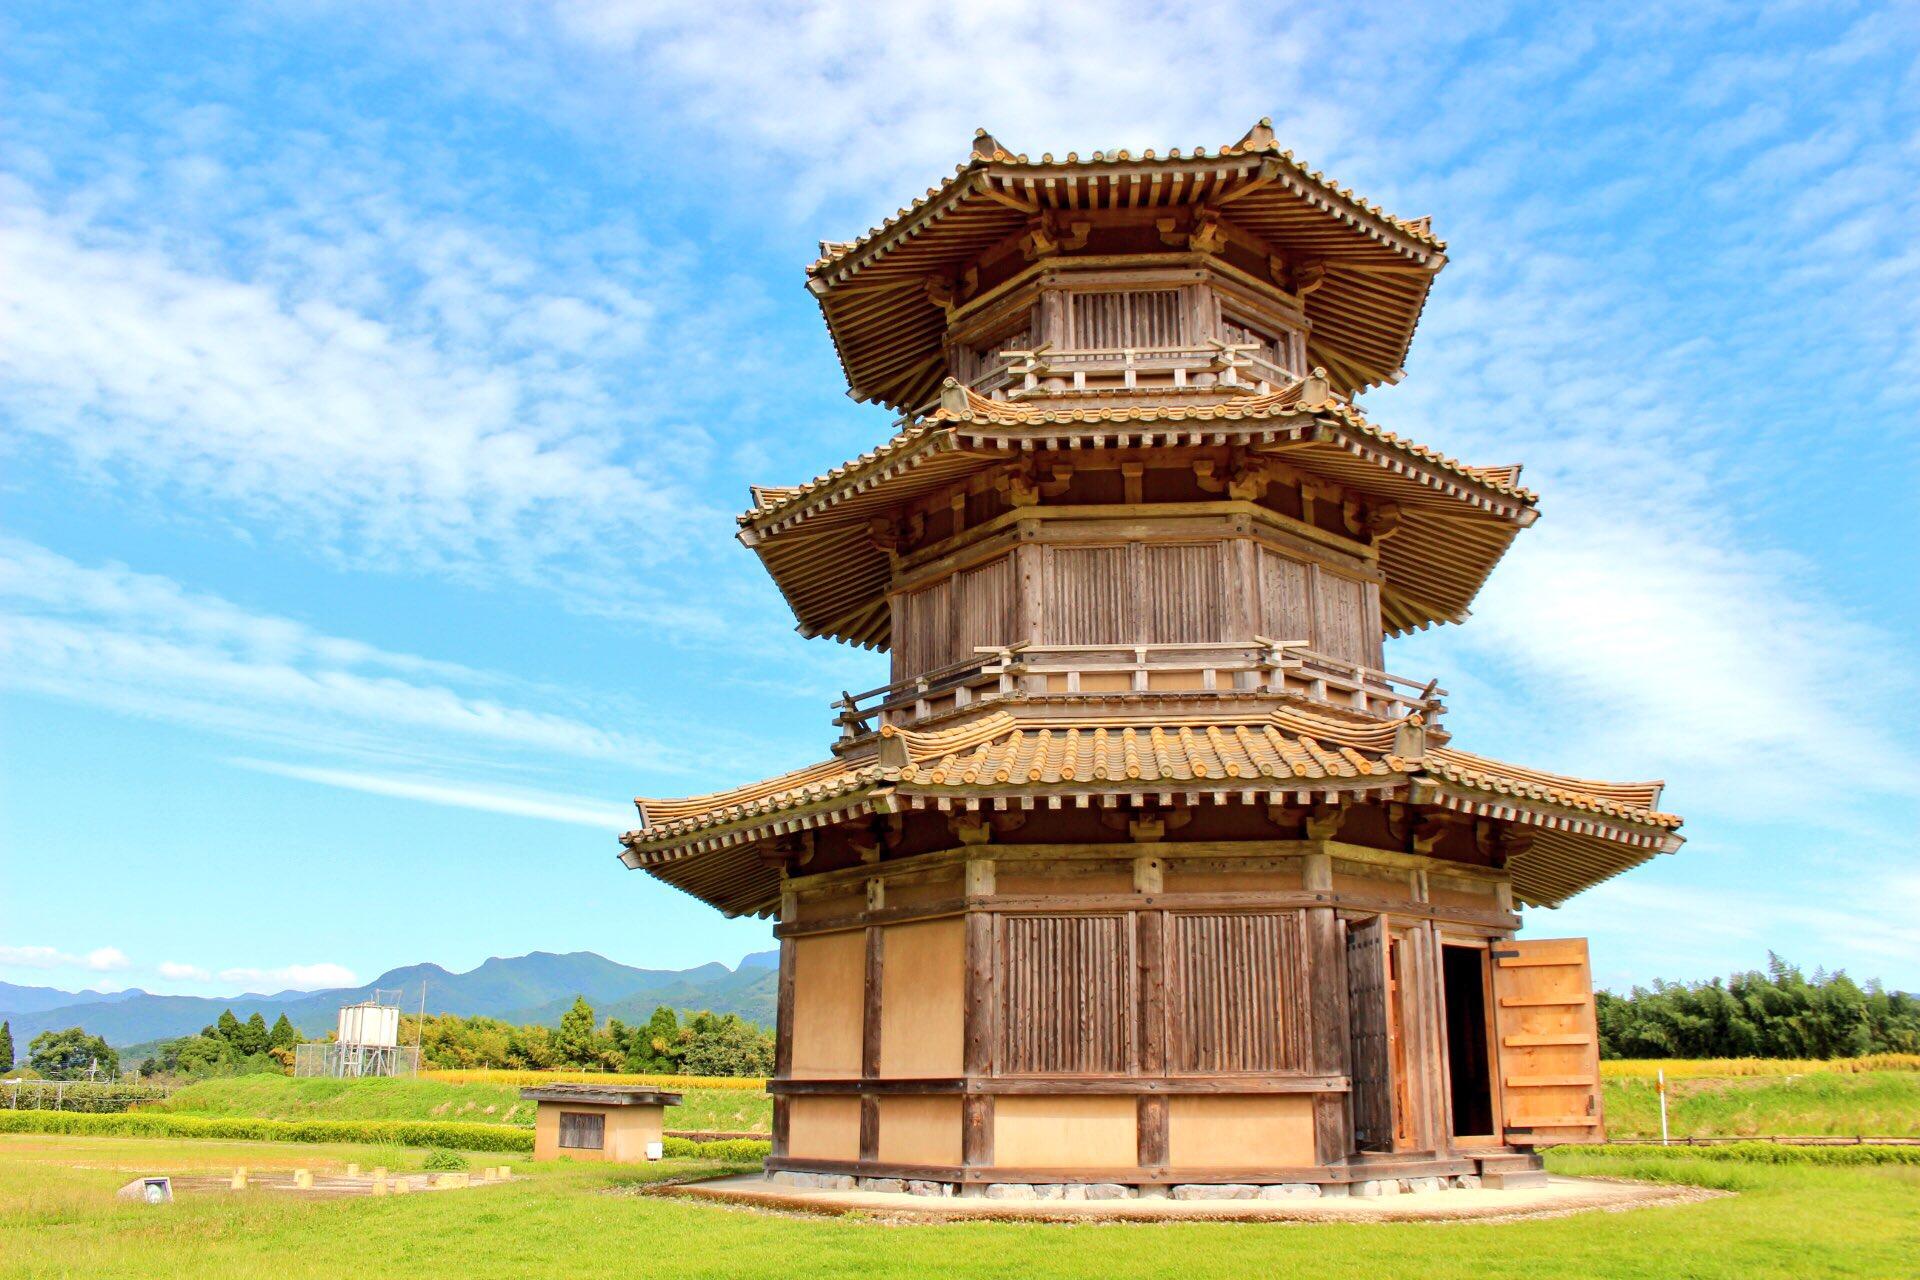 【鞠智城】熊本県山鹿市で、歴史を感じながら一眼レフと一緒に散歩。